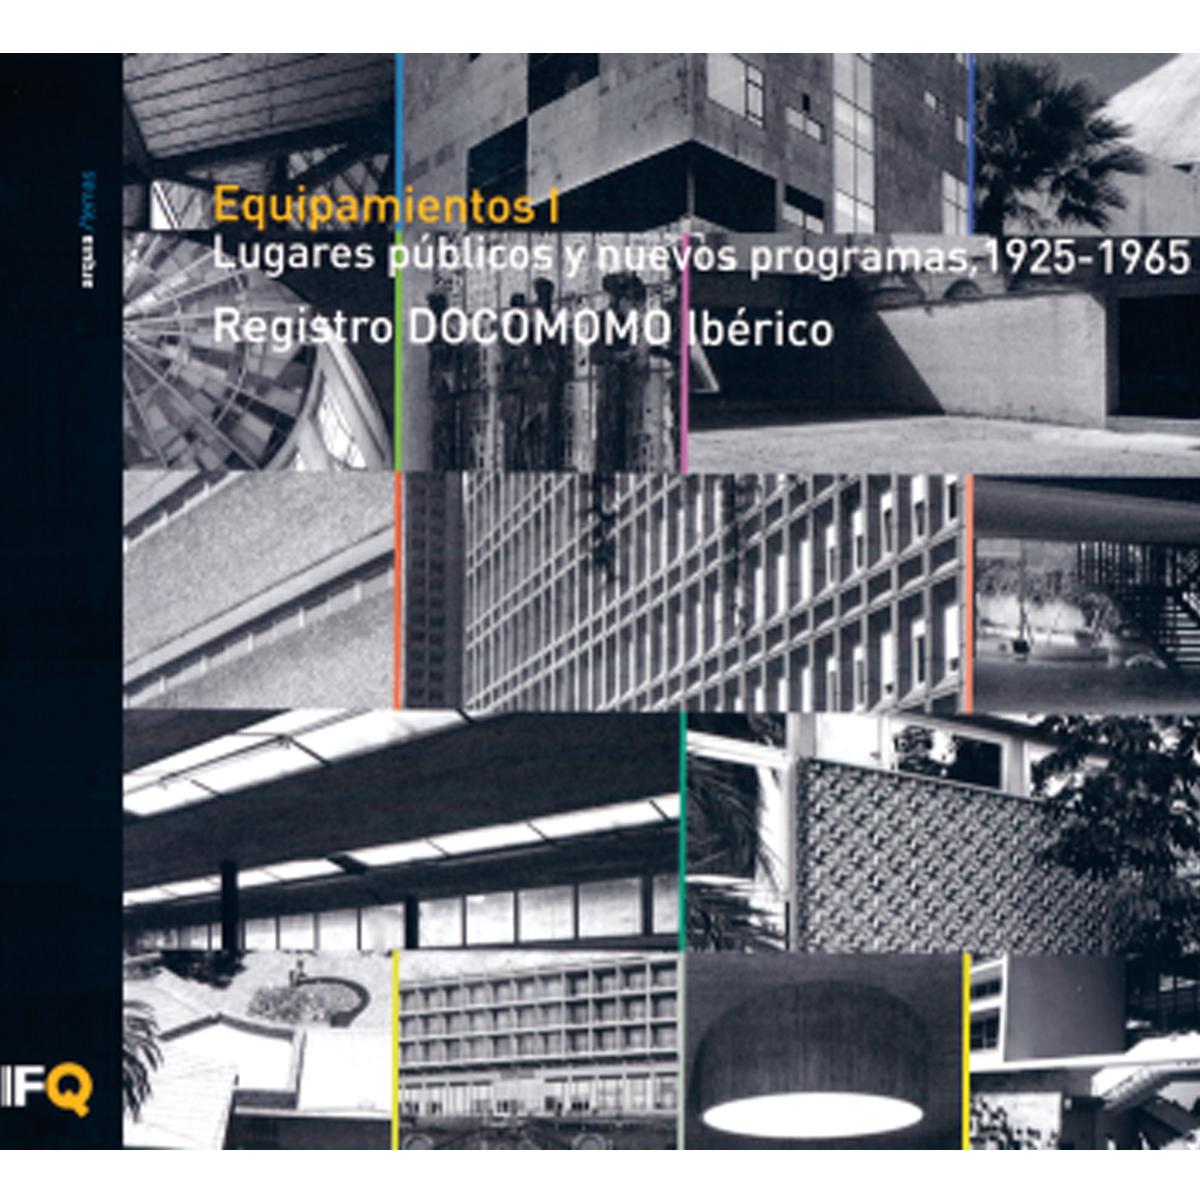 Equipamientos. Lugares públicos  y nuevos programas, 1925-1965